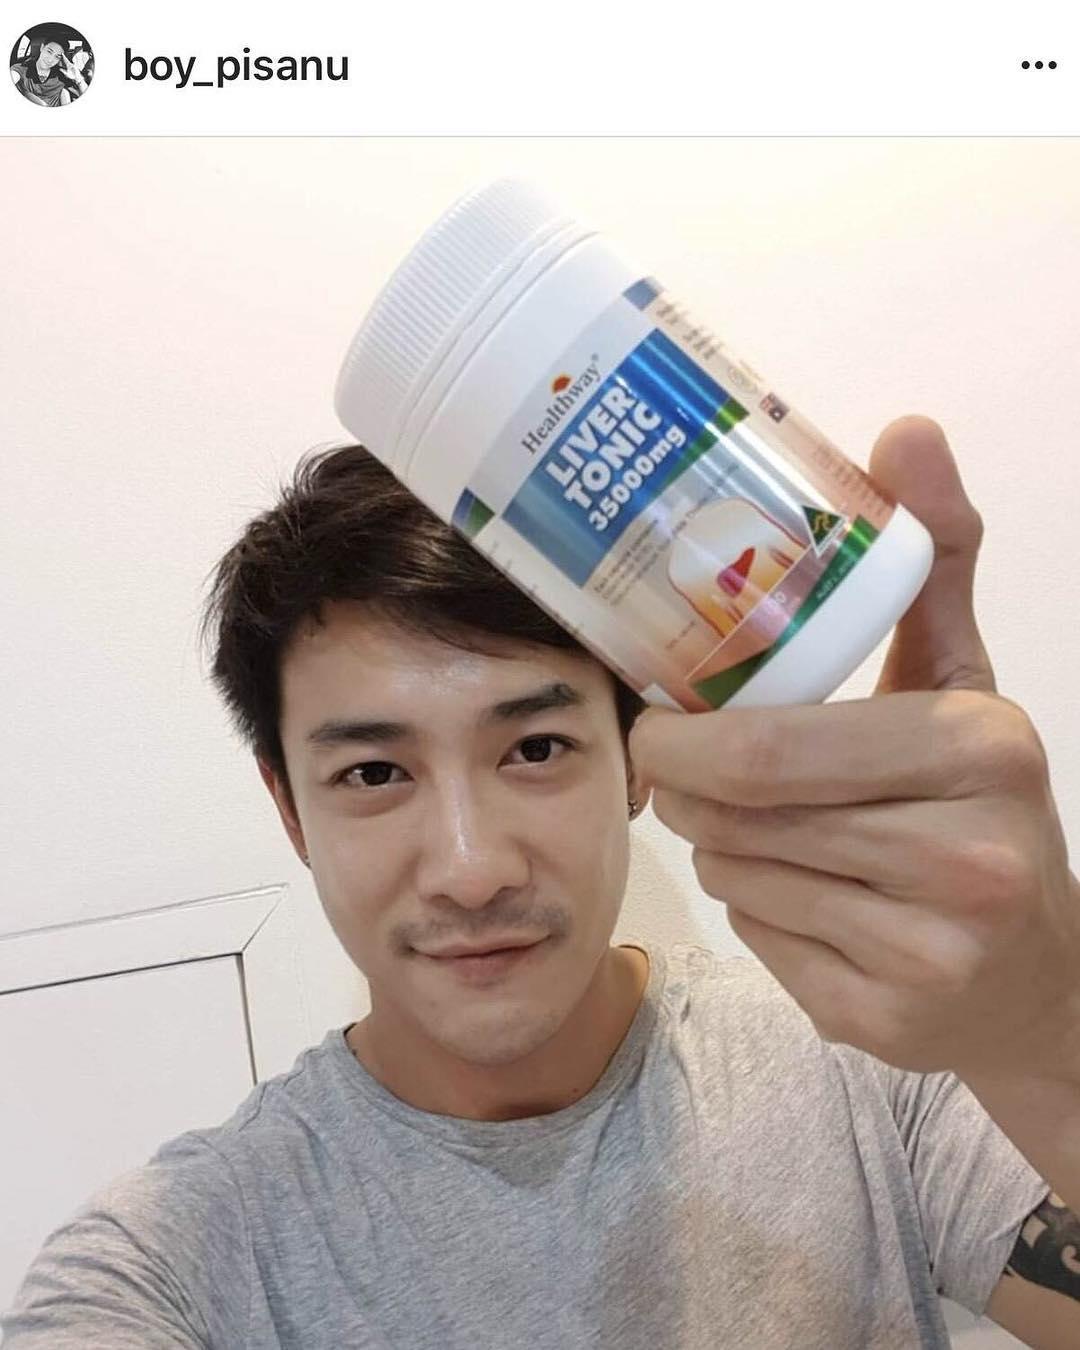 ขายดีมาก (แบ่งขาย 30เม็ด) Healthway Liver Tonic 35000 mg ดีท๊อกตับ ล้างตับที่ดีที่สุด เข้มข้นที่สุดในขณะนี้ ดูดซึมดีเยี่ยม